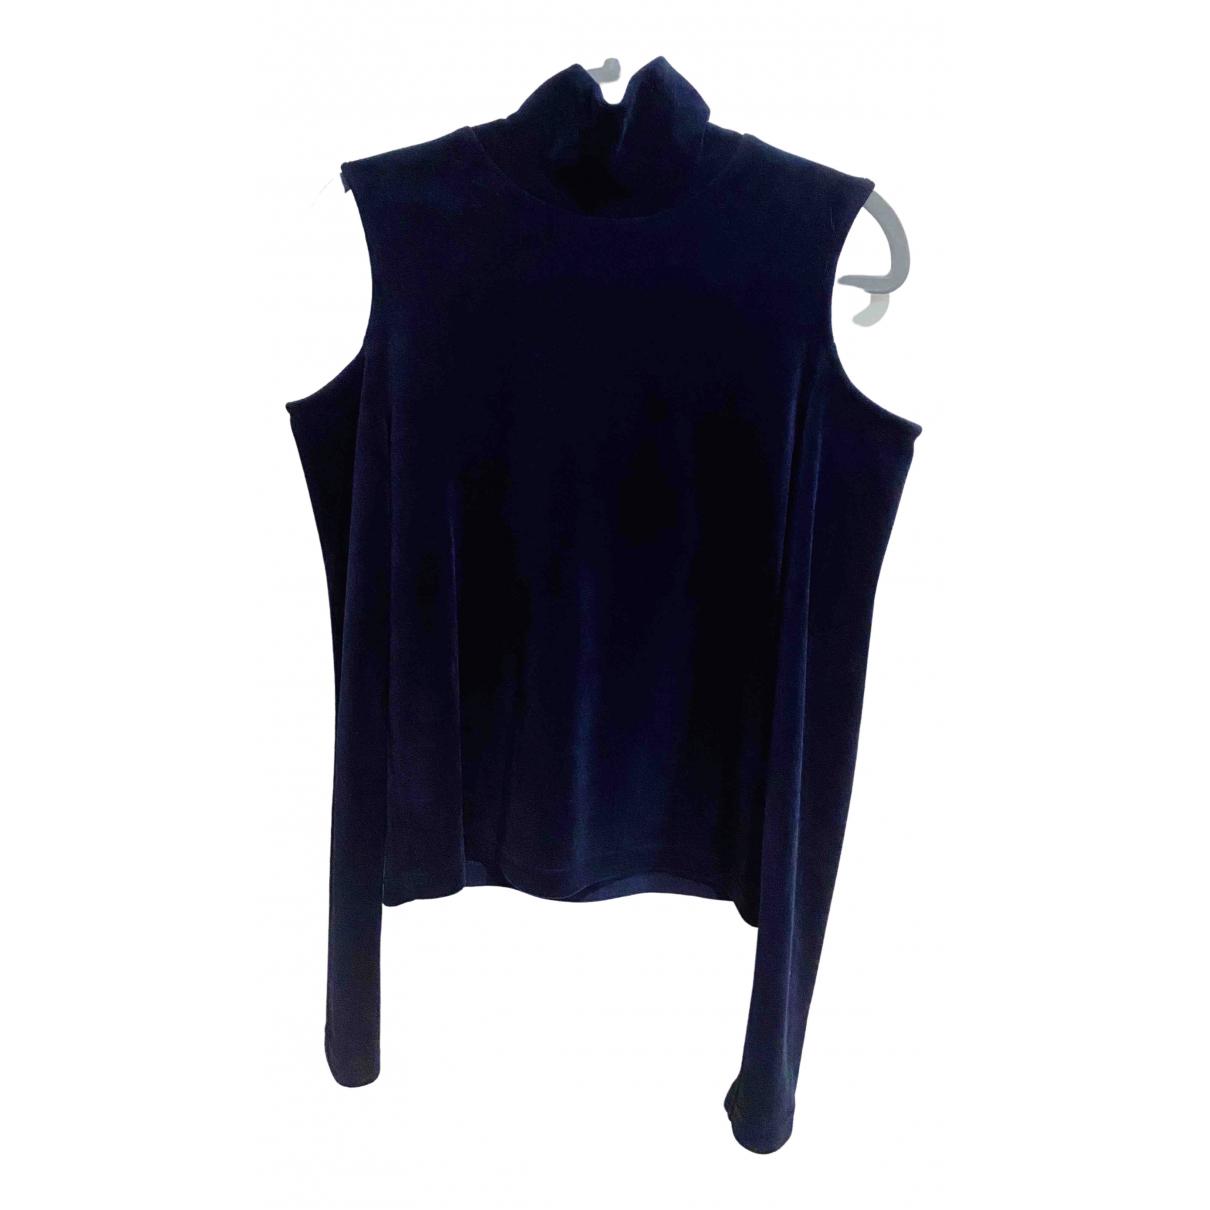 Zara \N Blue Knitwear for Women S International